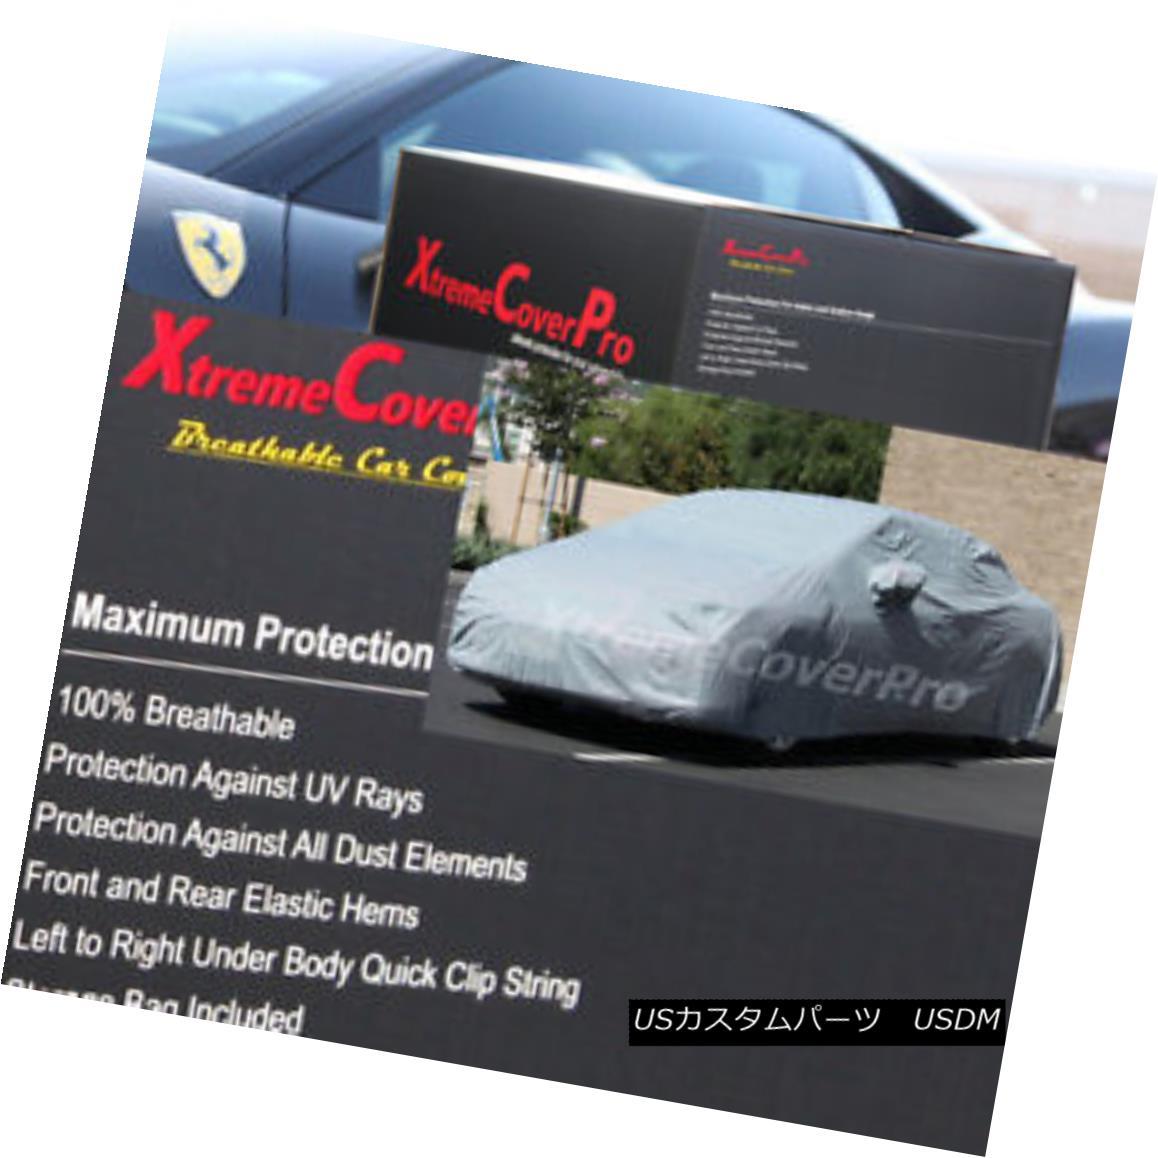 カーカバー 2013 Lexus GS450H Breathable Car Cover w/MirrorPocket 2013レクサスGS450H通気性車カバー付きMirrorPocket